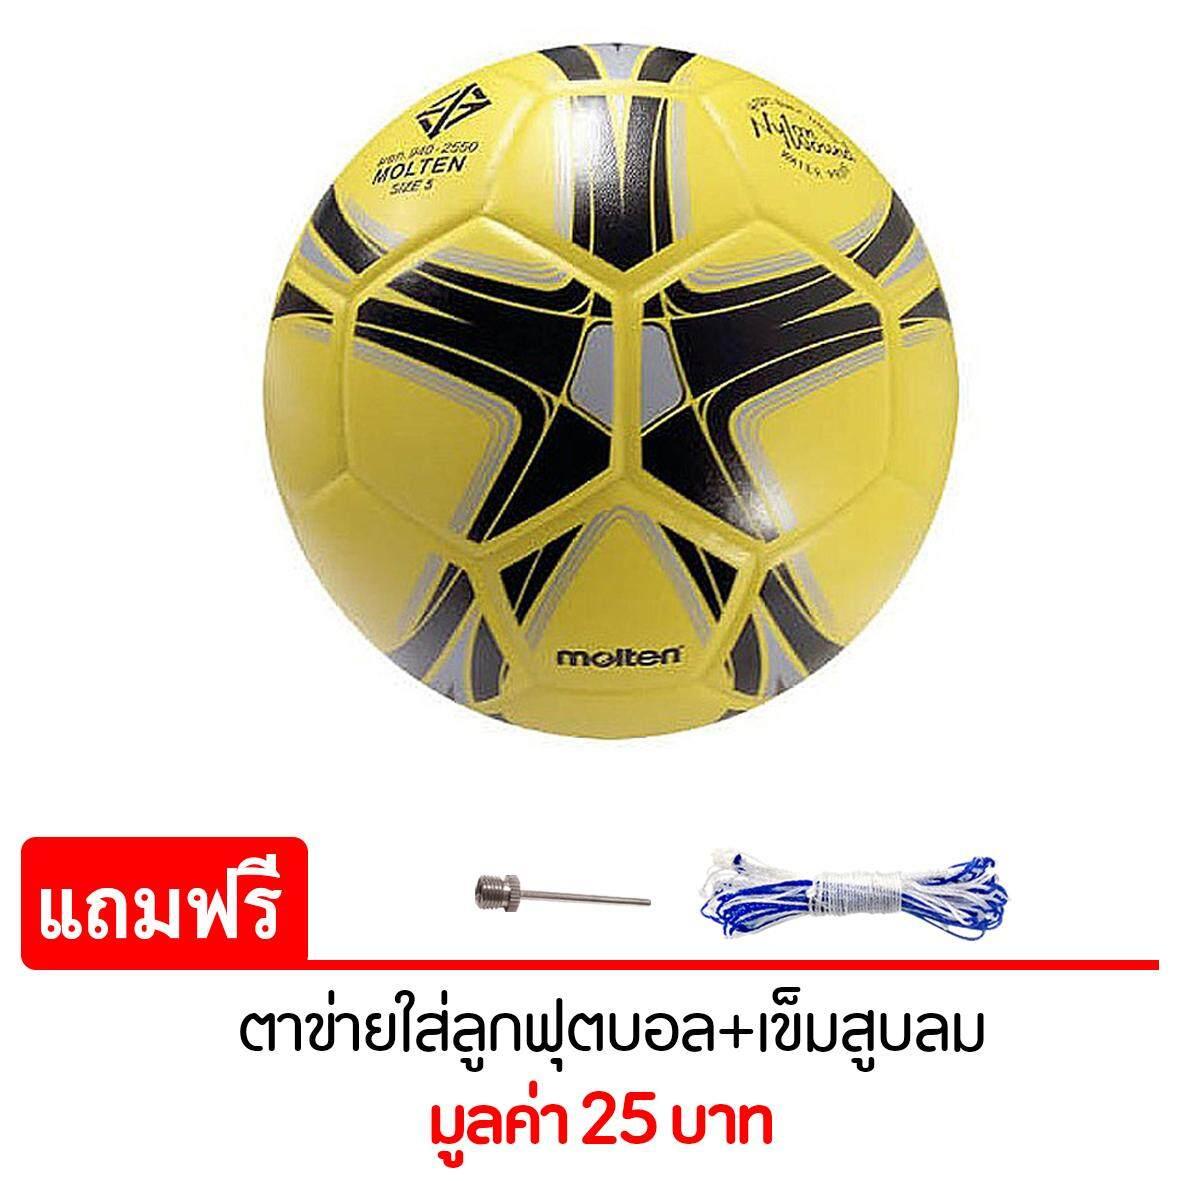 นครพนม MOLTEN ฟุตบอลFootball MOT PVC F5Y1505 YK เบอร์5 แถมฟรี ตาข่ายใส่ลูกฟุตบอล + เข็มสูบลม